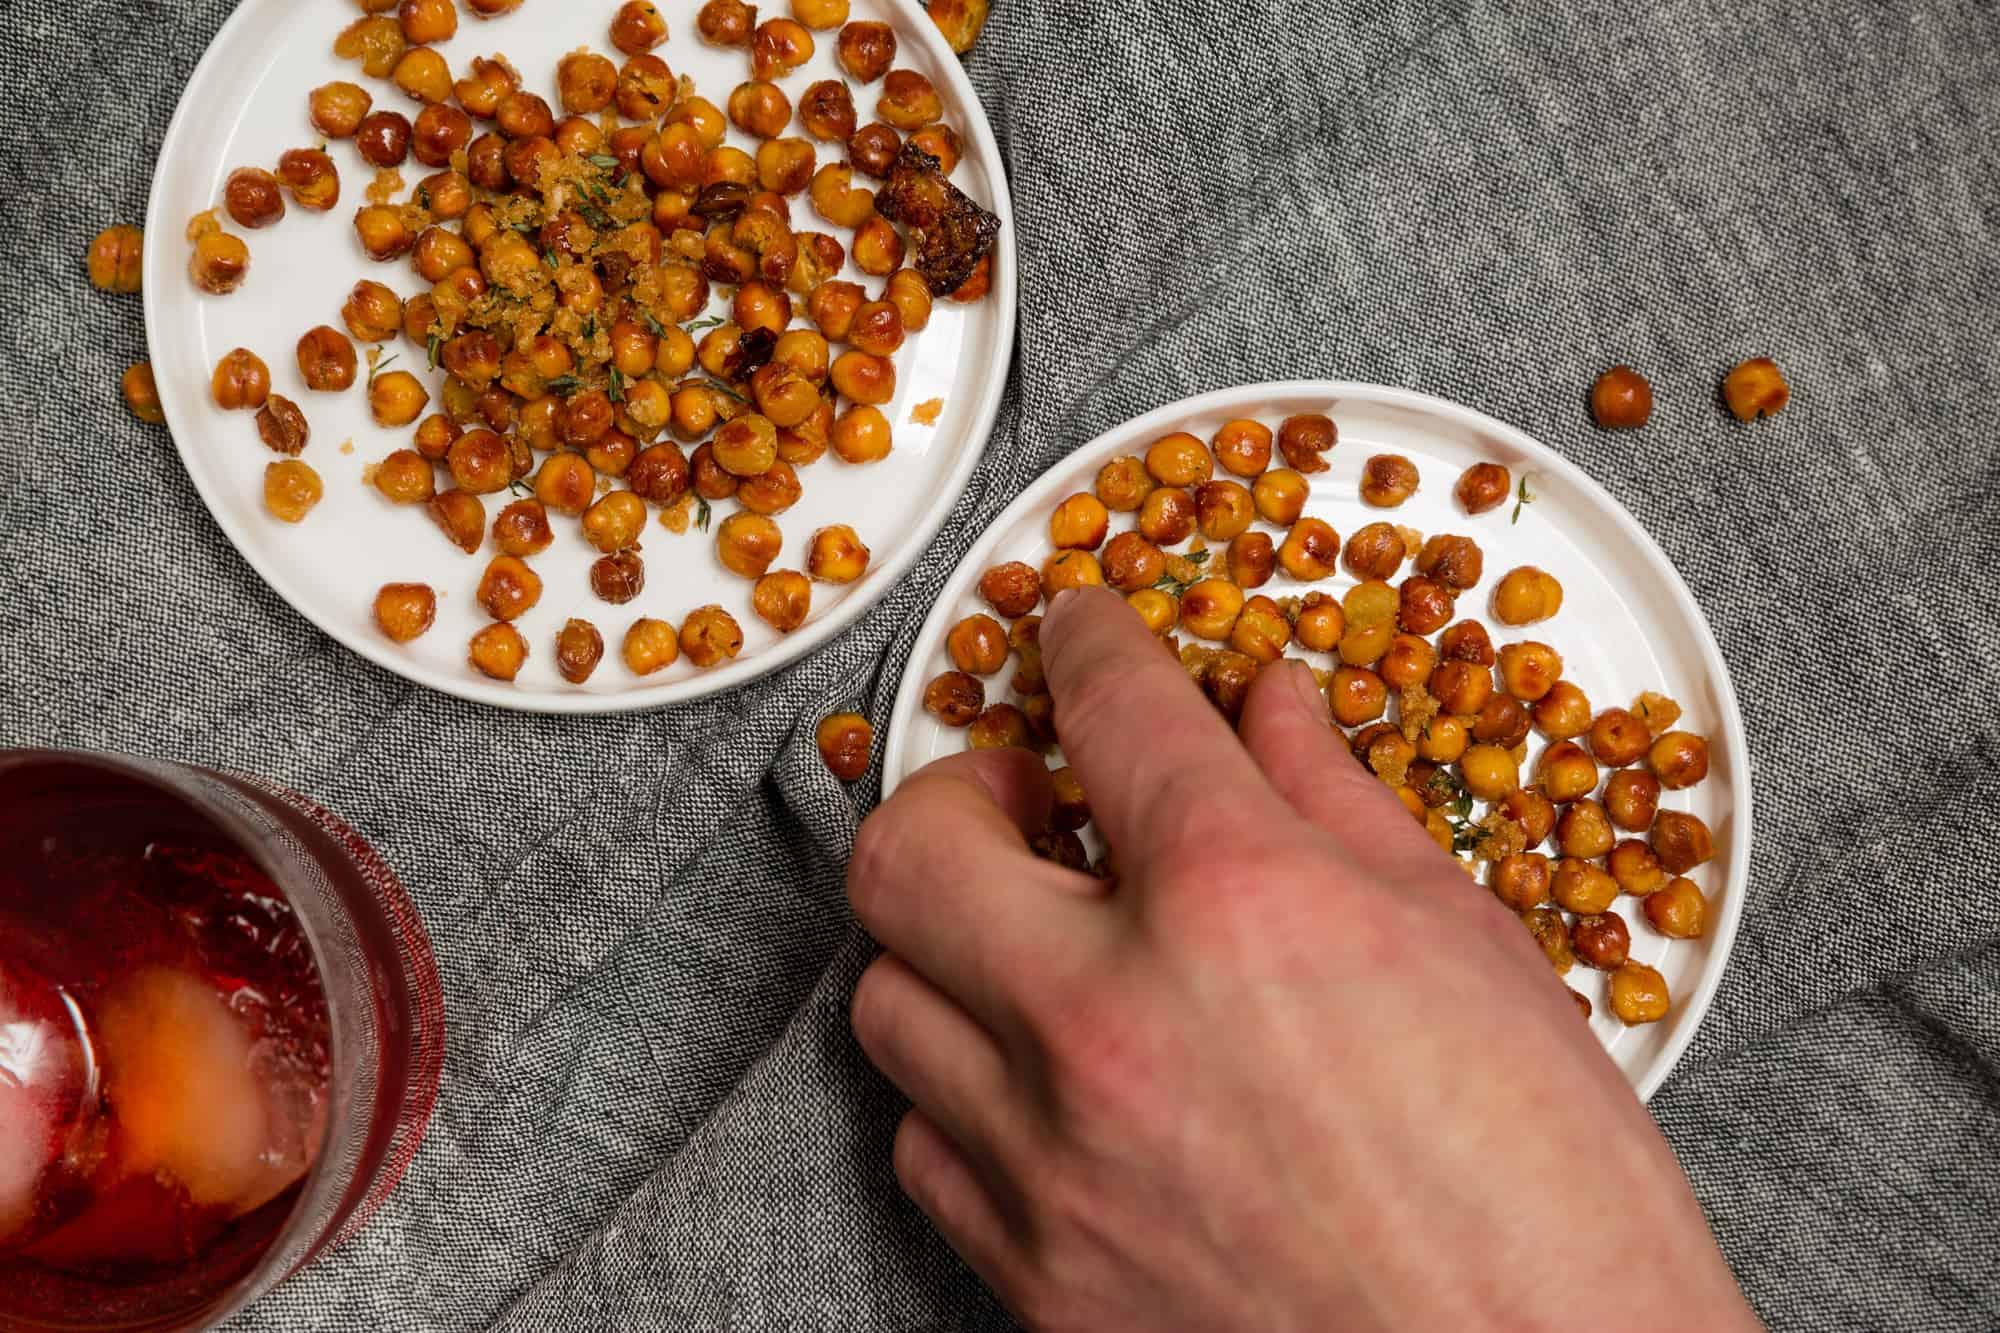 Roasted Chic Peas